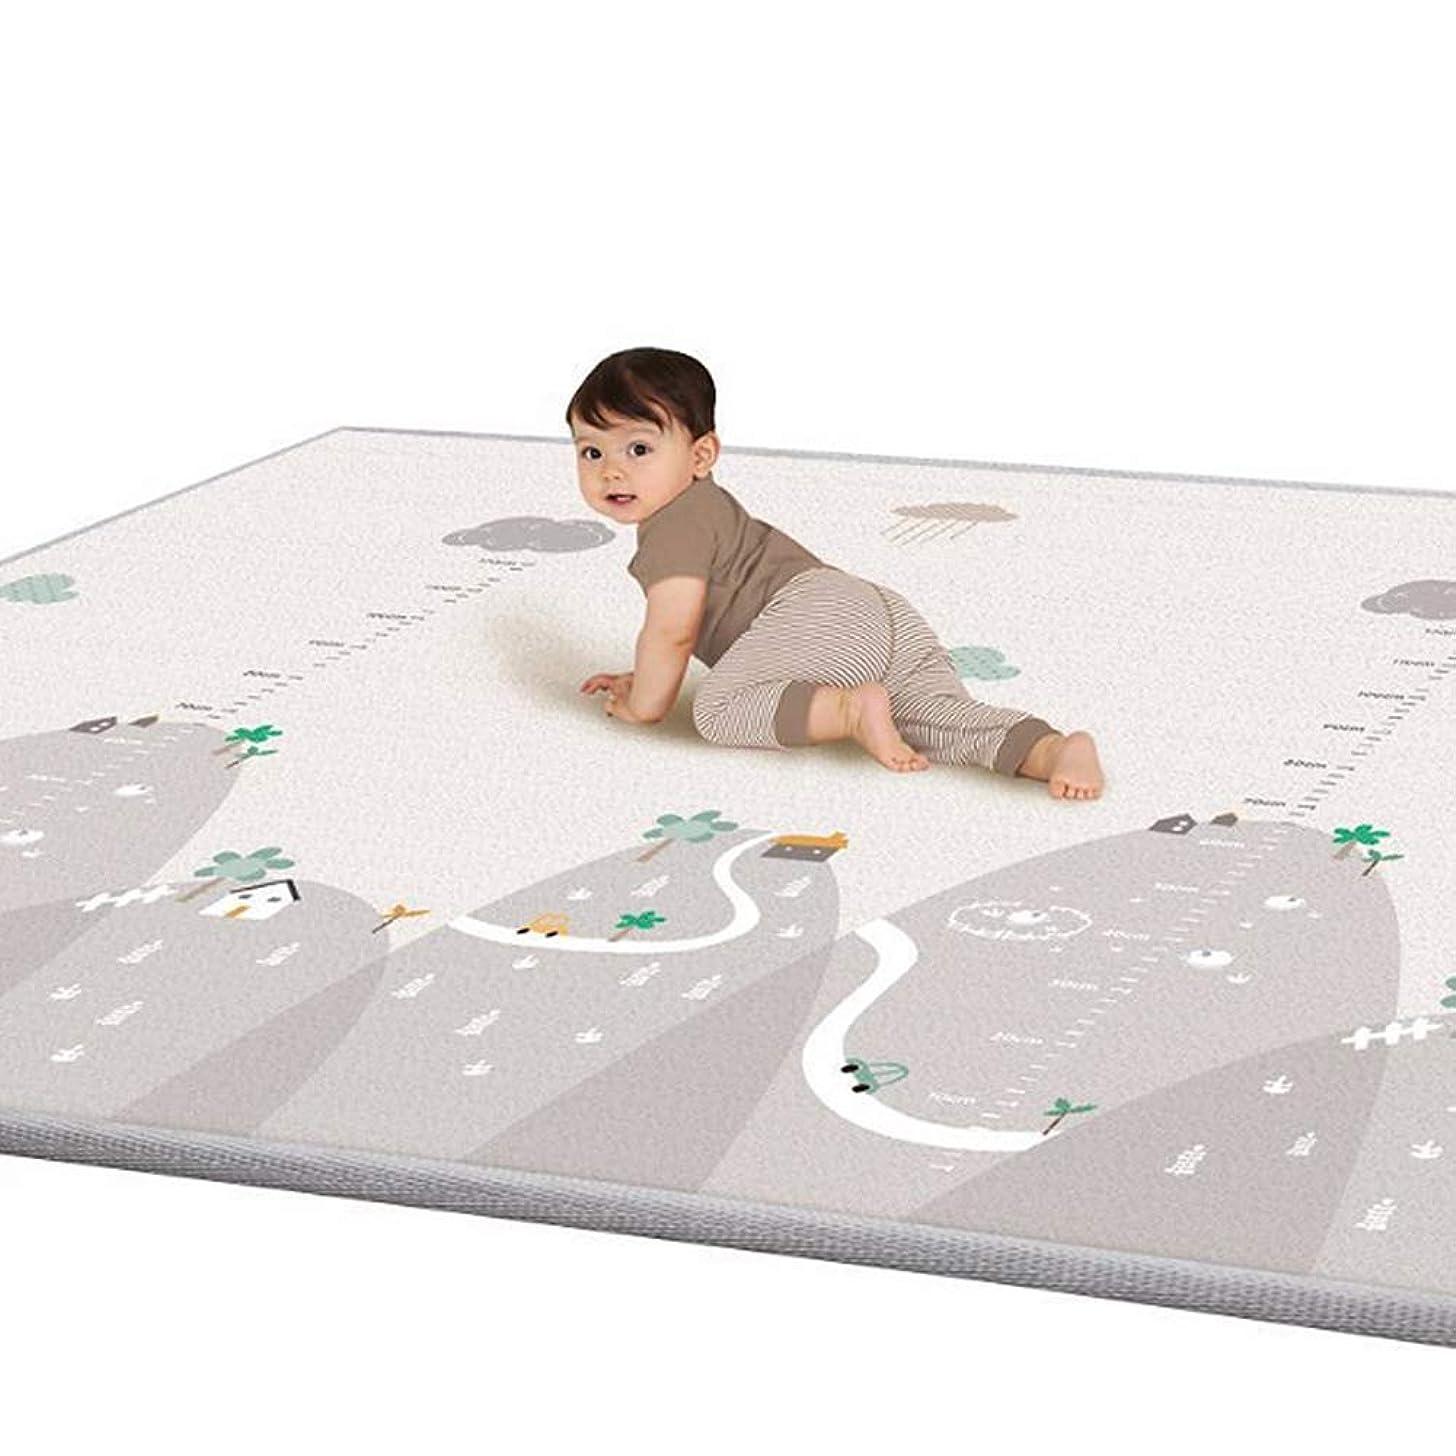 細胞宣言するマルコポーロSemy Kids ベビープレーマット 衝撃緩和 (L)197×155×1cm 新乳児から対象 ベビーマット (ライオン001)